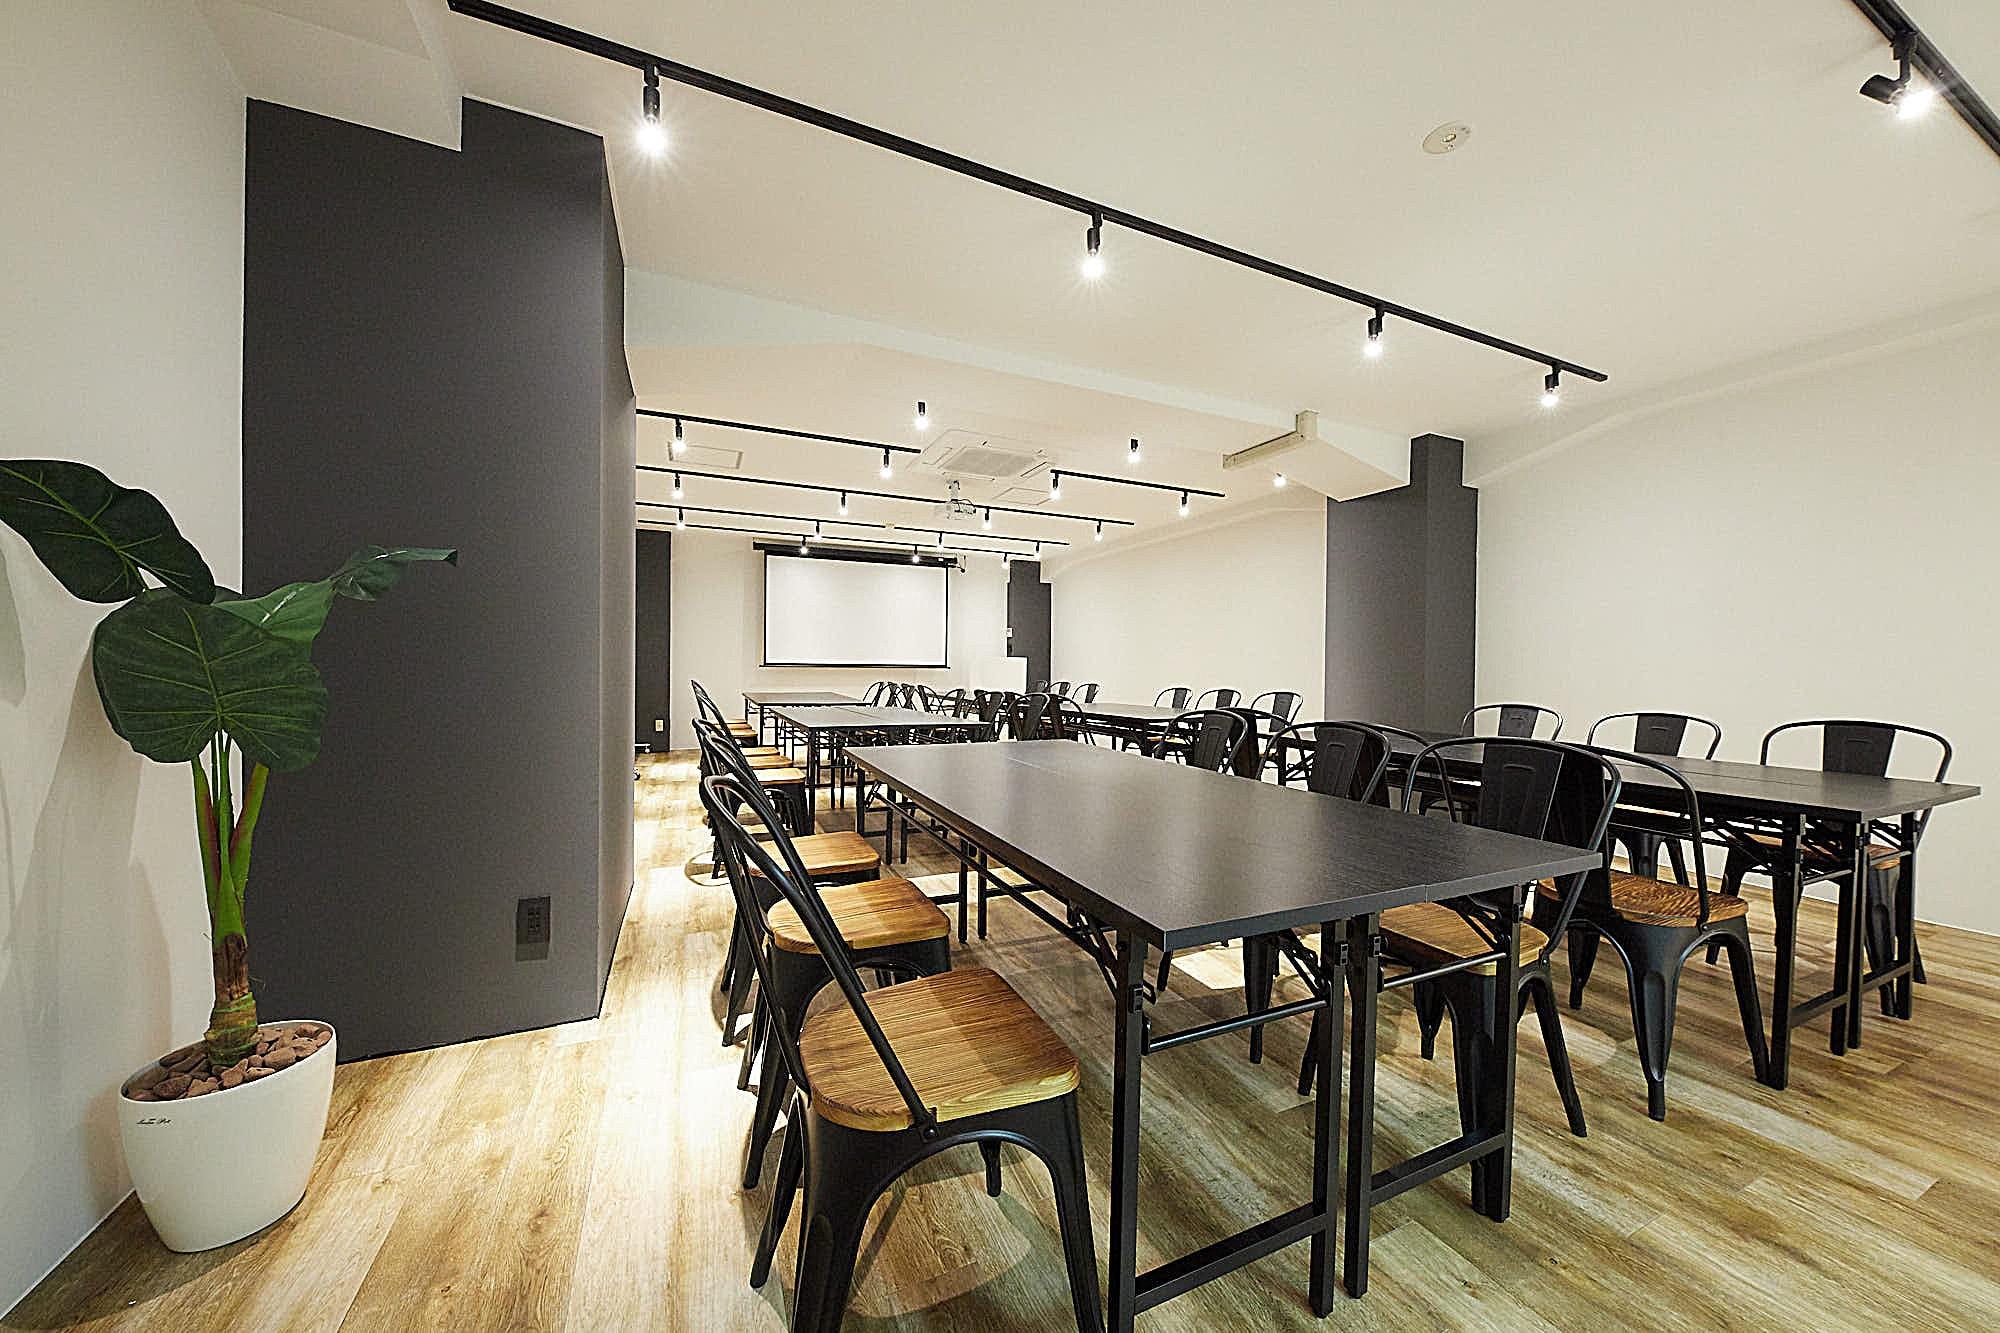 テレワークの課題点。レンタルスペースをサテライトオフィスとして活用するには?|TIME SHARING|タイムシェアリング |スペースマネジメント|あどばる|adval|SHARING